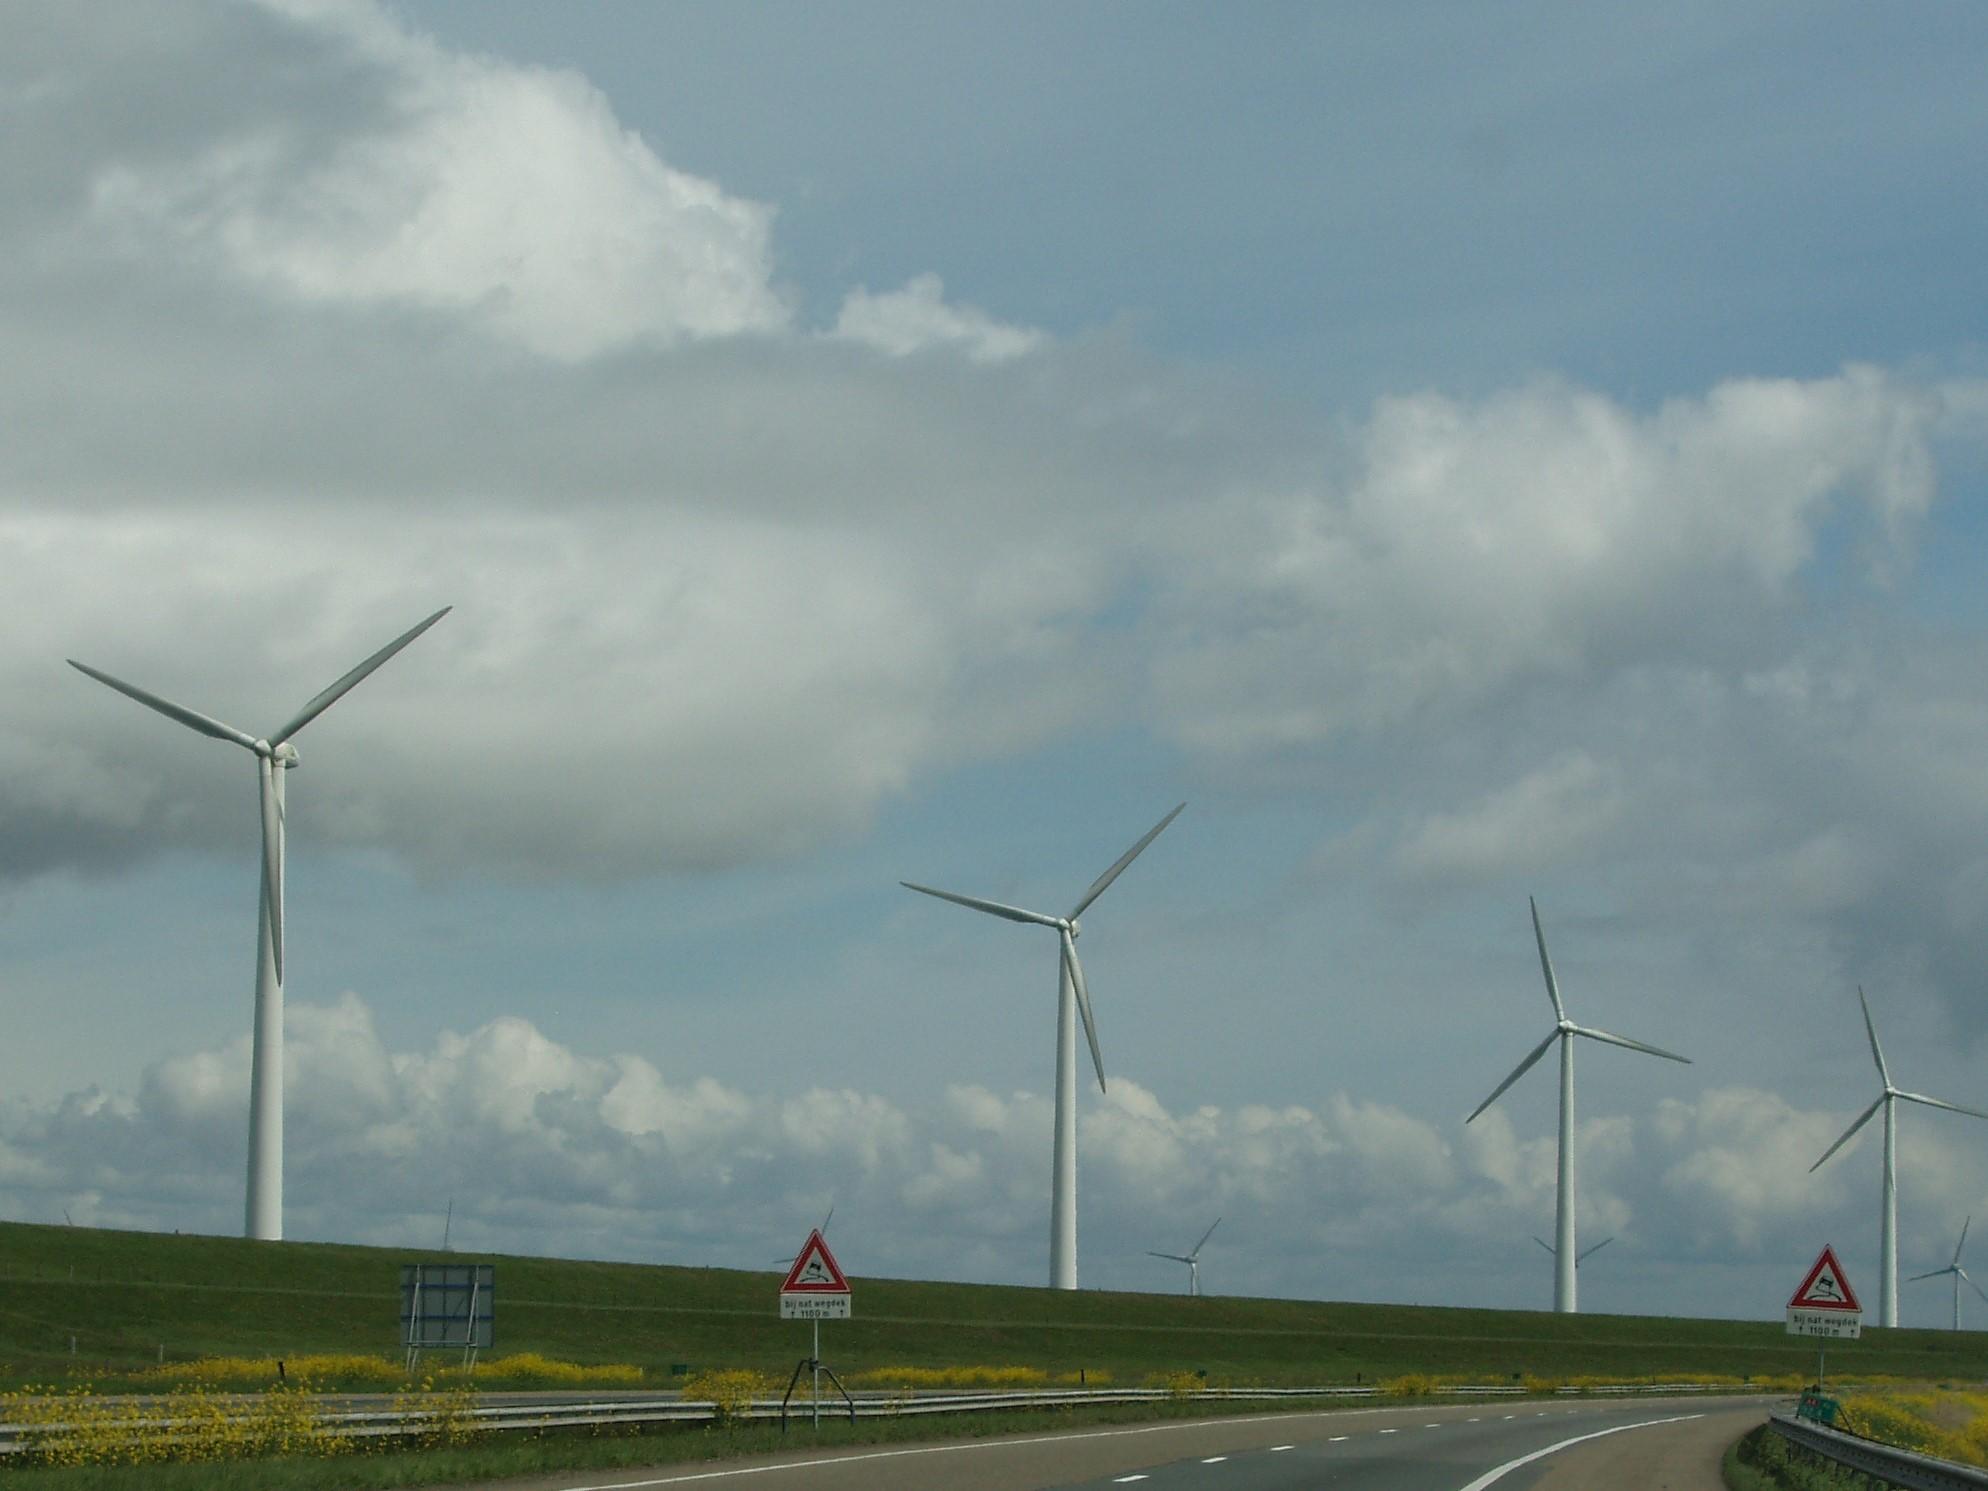 Windturbines Stroom Energie Wind Milieu Foto Joop Hoek Milieudefensie Krijgt Van Rechter Gelijk Kort Geding Gezonde Lucht Boeddhistisch Dagblad